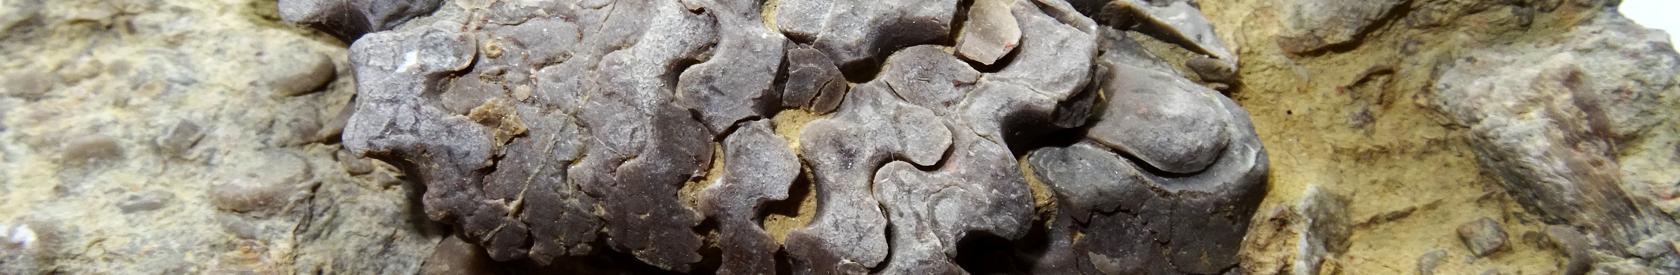 Fósiles destacados en los museos de la Comunidad Valenciana